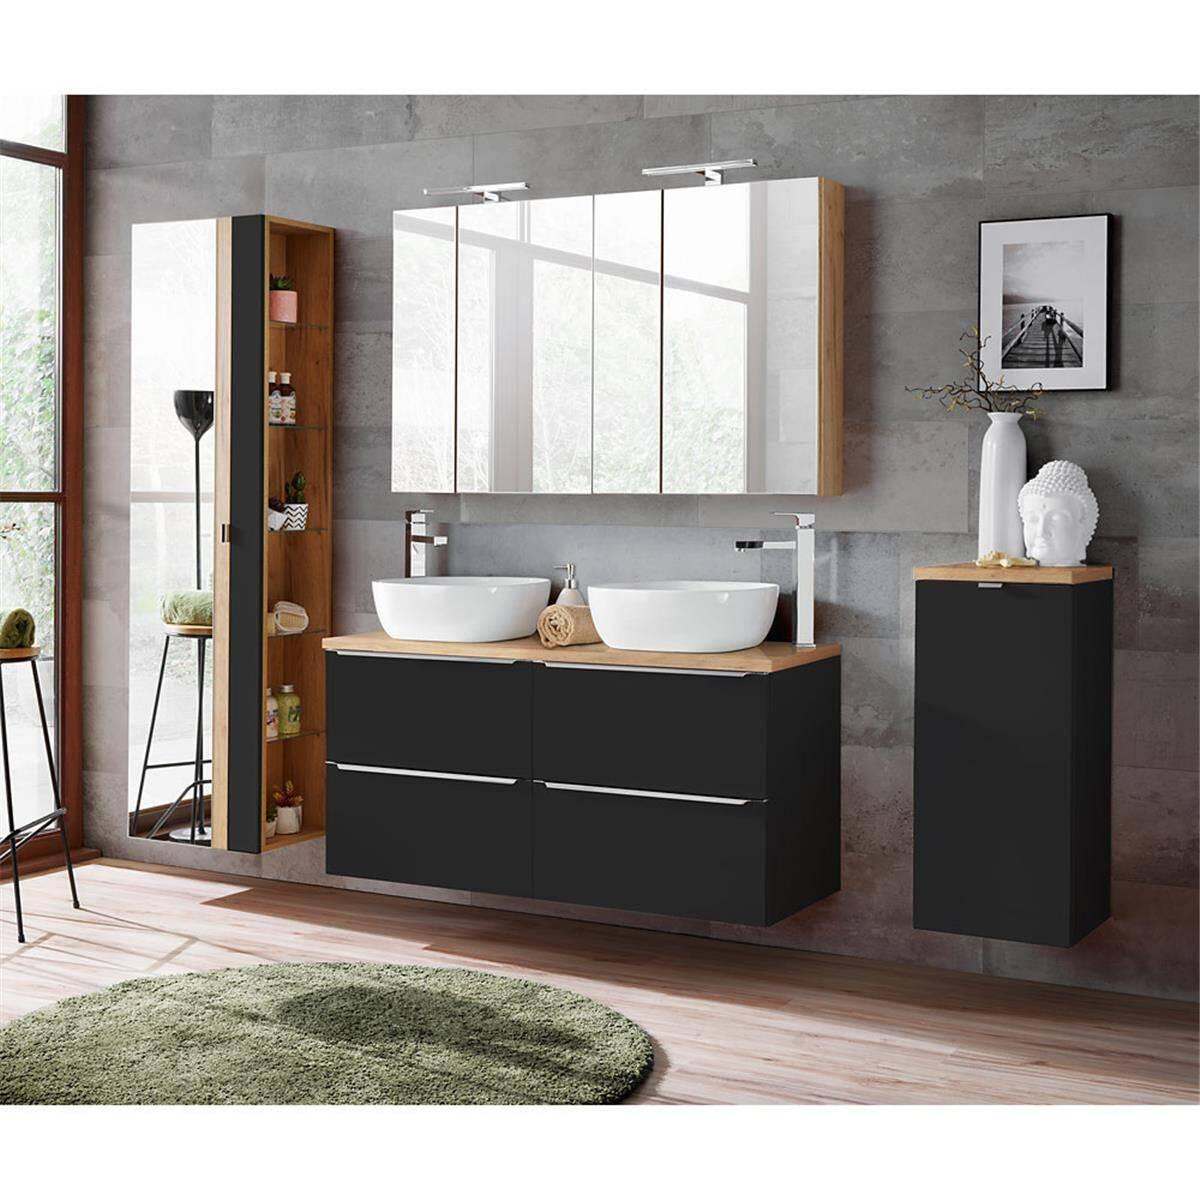 Badmöbel Set seidenmatt anthrazit & Wotaneiche TOSKANA-BLACK-56 mit Waschtisch inkl. Keramik-Waschbecken, LED-Spiegelschrank und Wäschesammler,